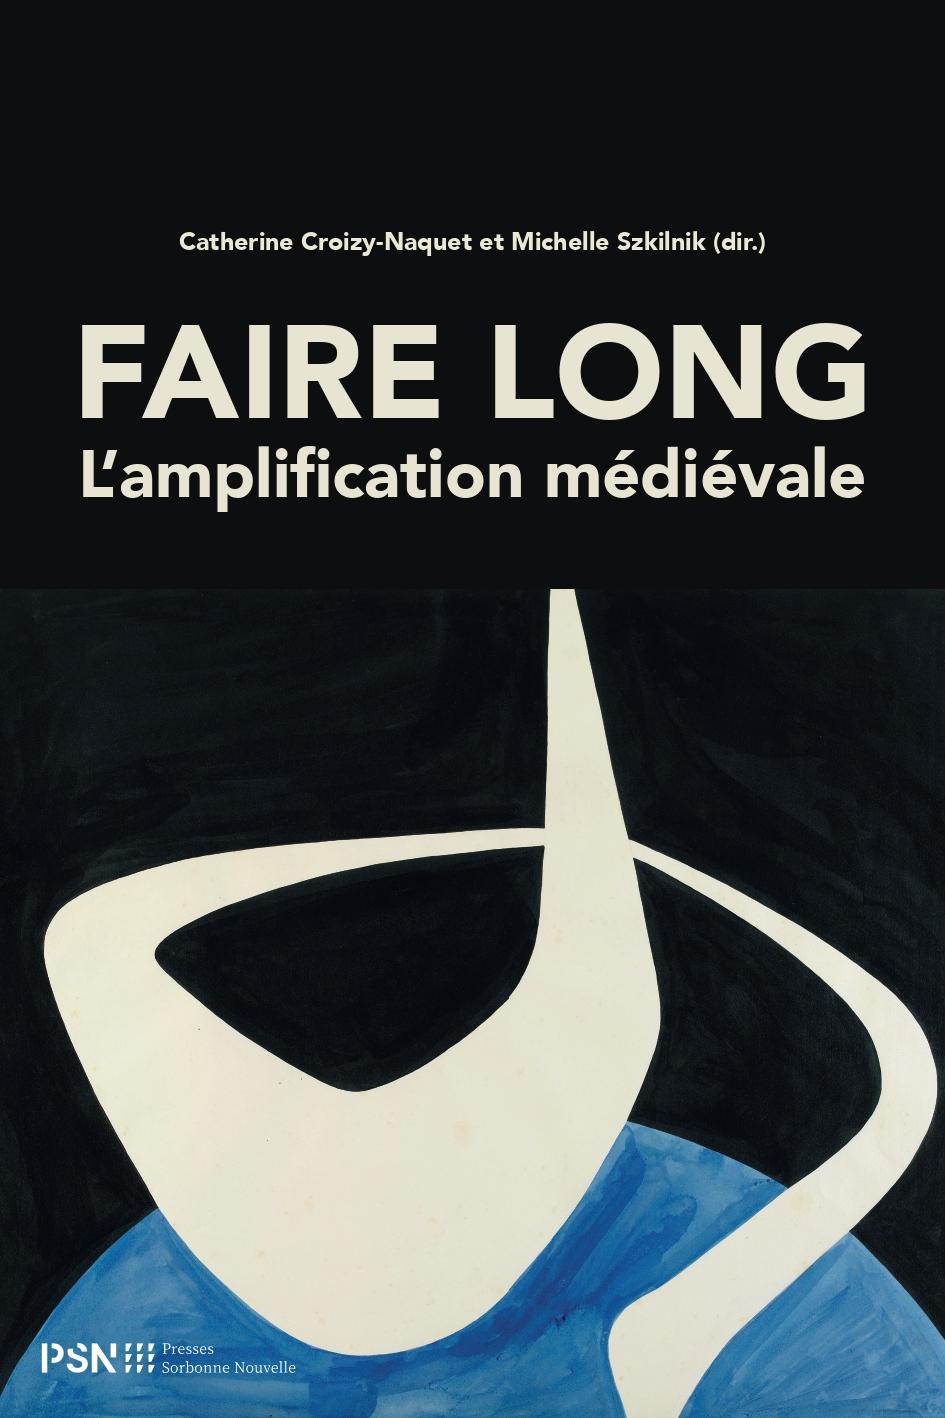 C. Croizy-Naquet, M. Szkilnik, Faire long. L'amplification médiévale